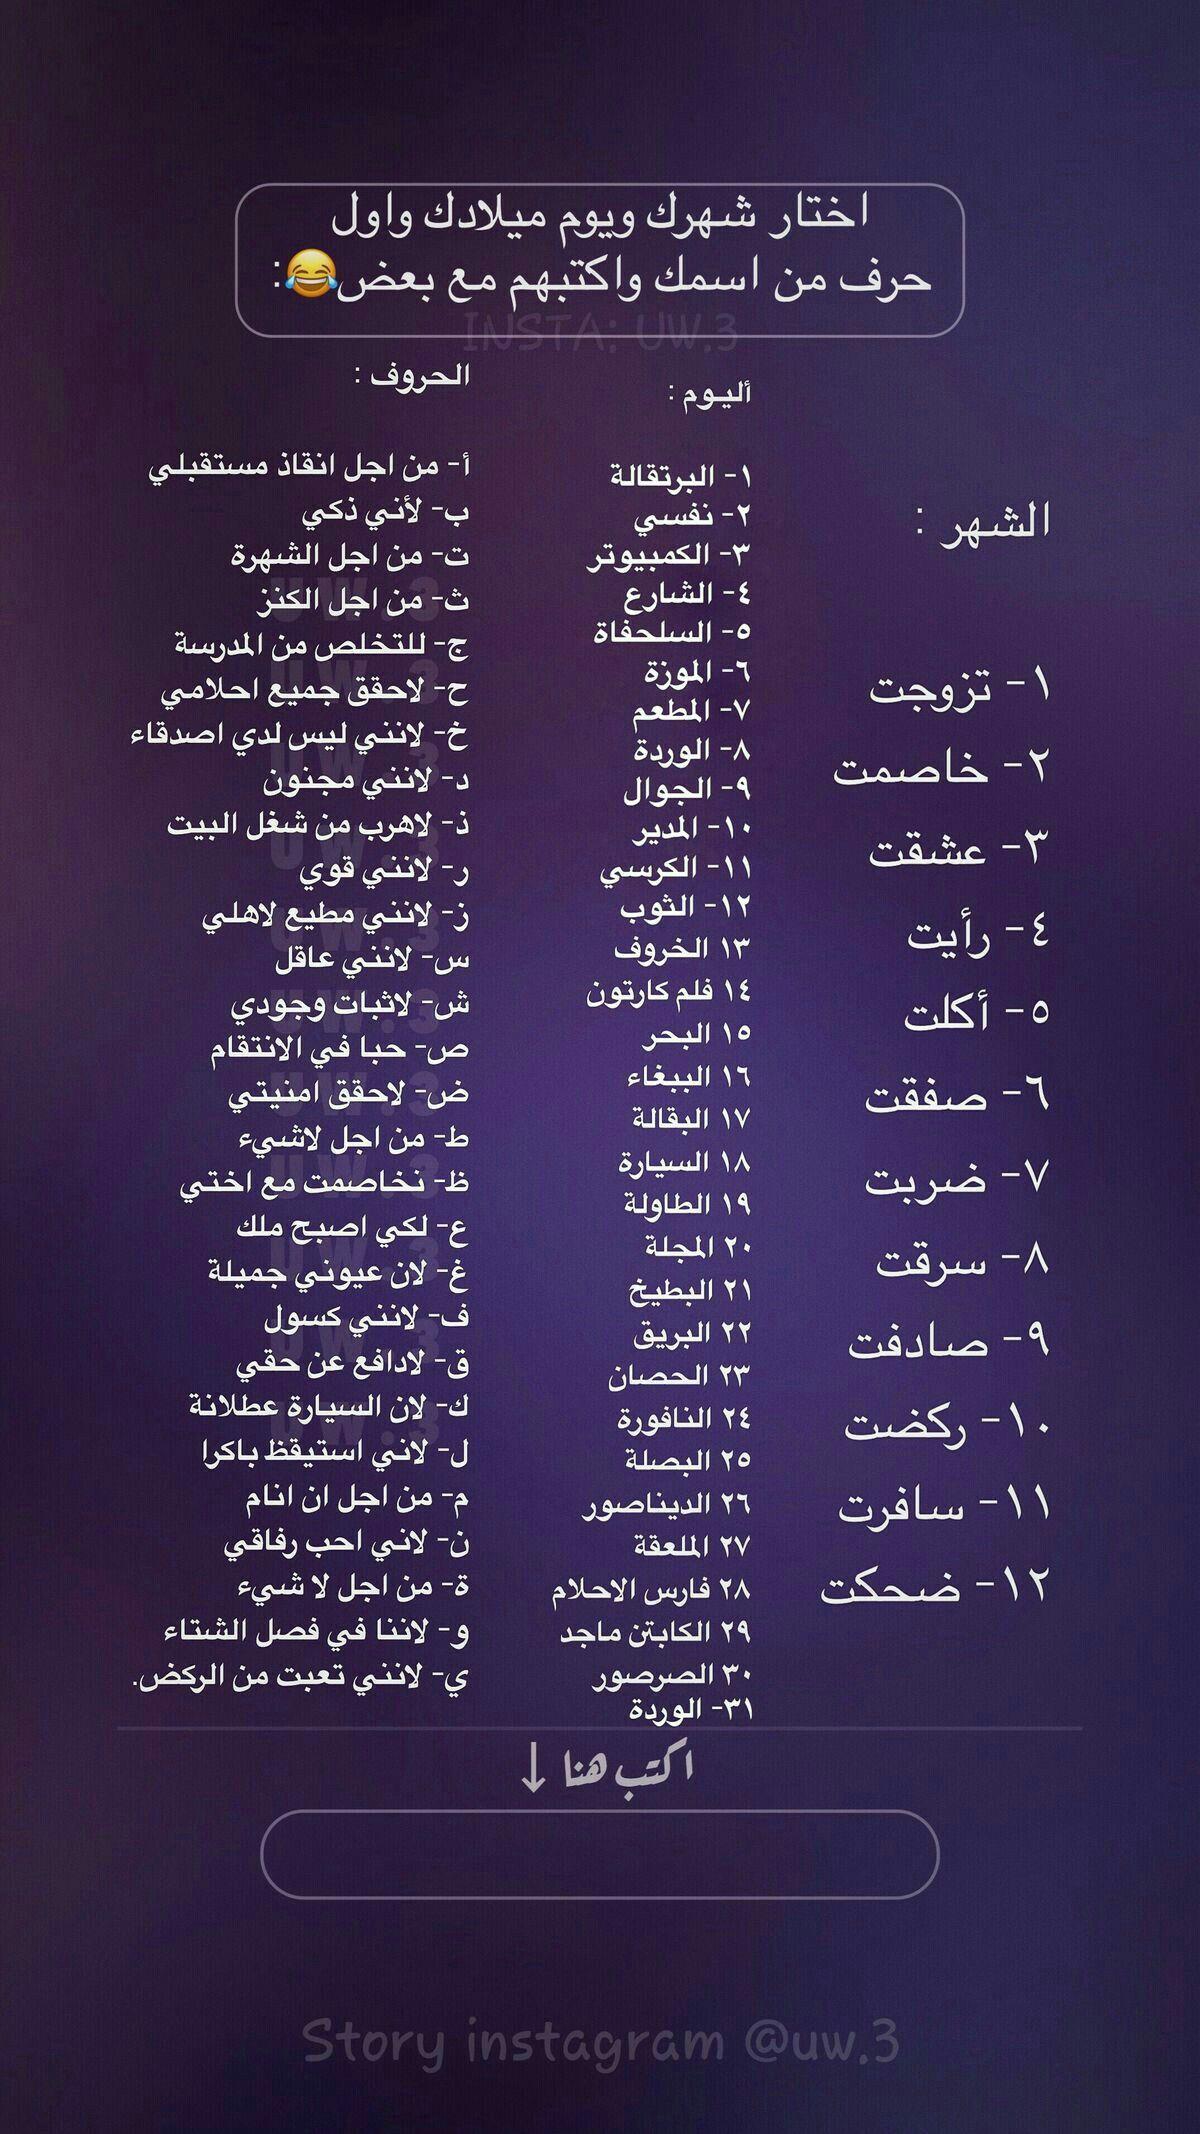 خاصمت البصلة من أجل أن انام وانتوو Instagram Words Funny Arabic Quotes Appreciation Quotes